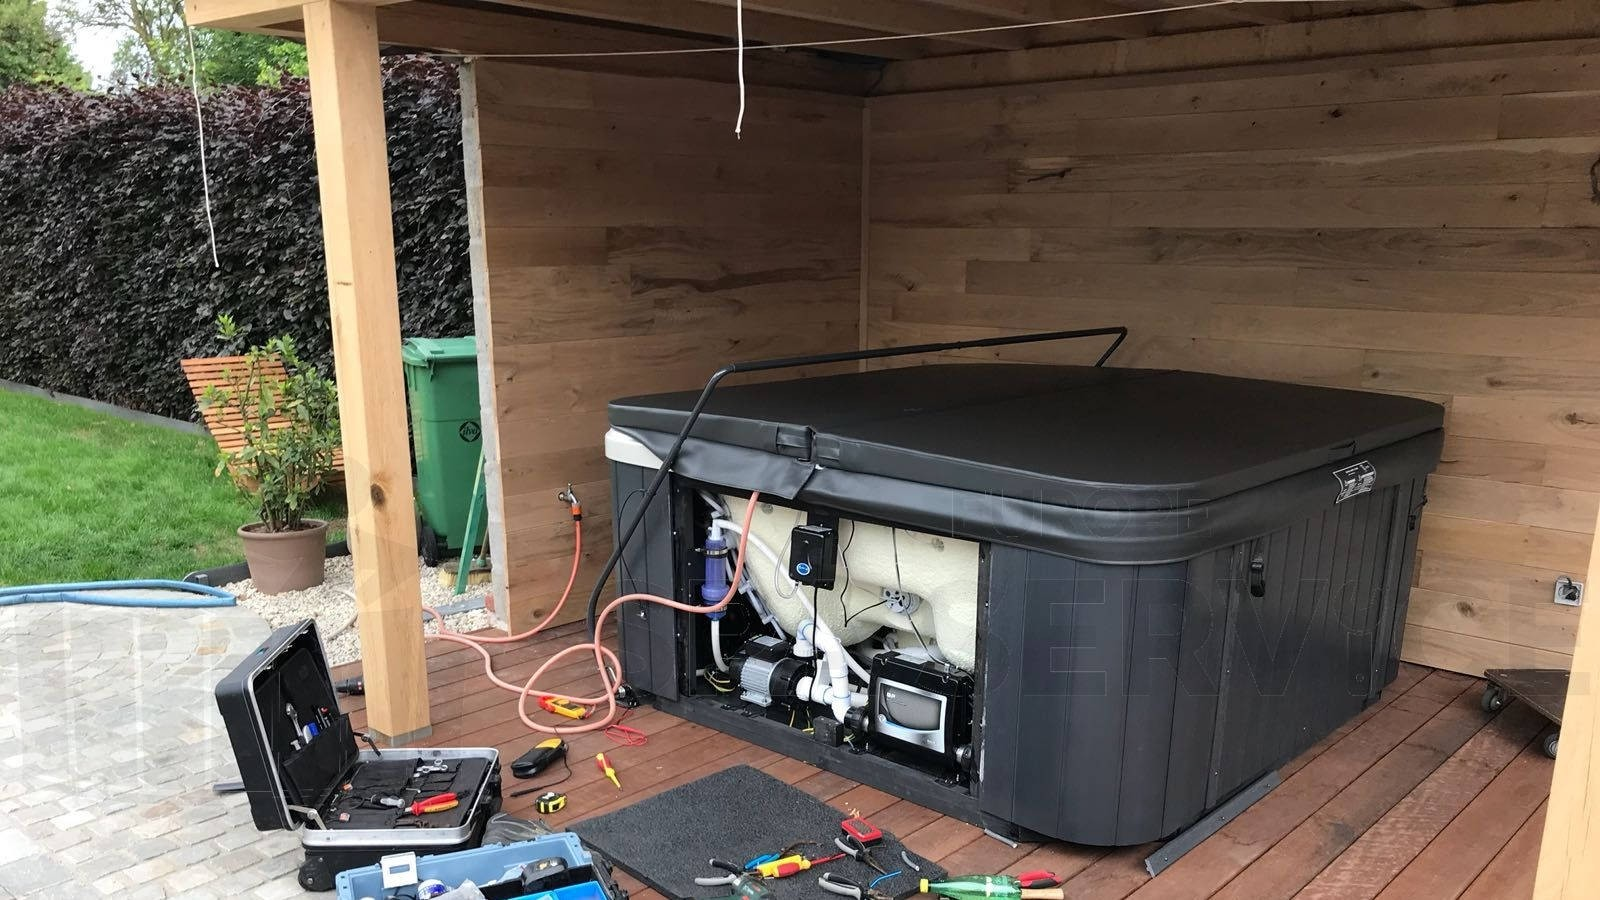 Plaatsing Allseas Oasis SL-5601 spa in Ninhoven België